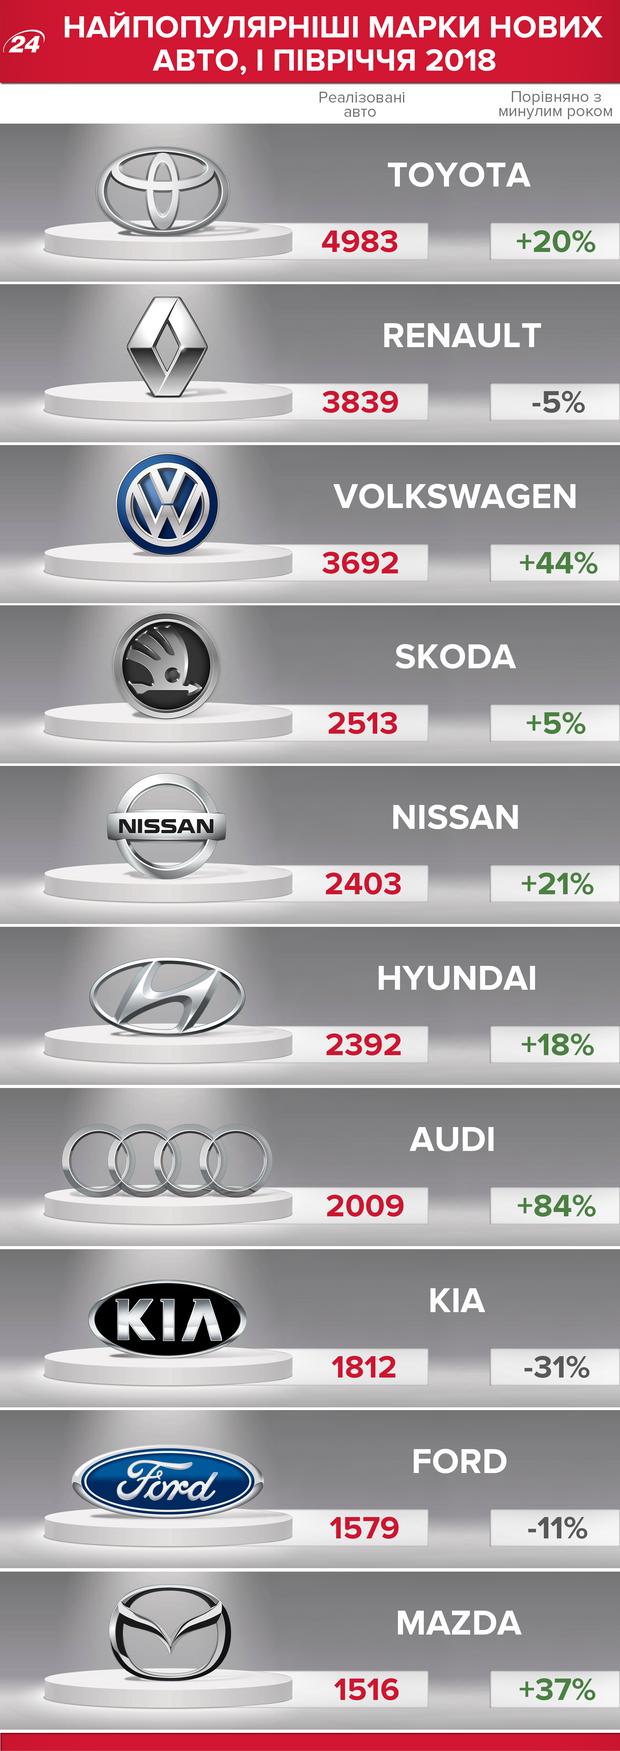 Найпопулярніші авто в Україні